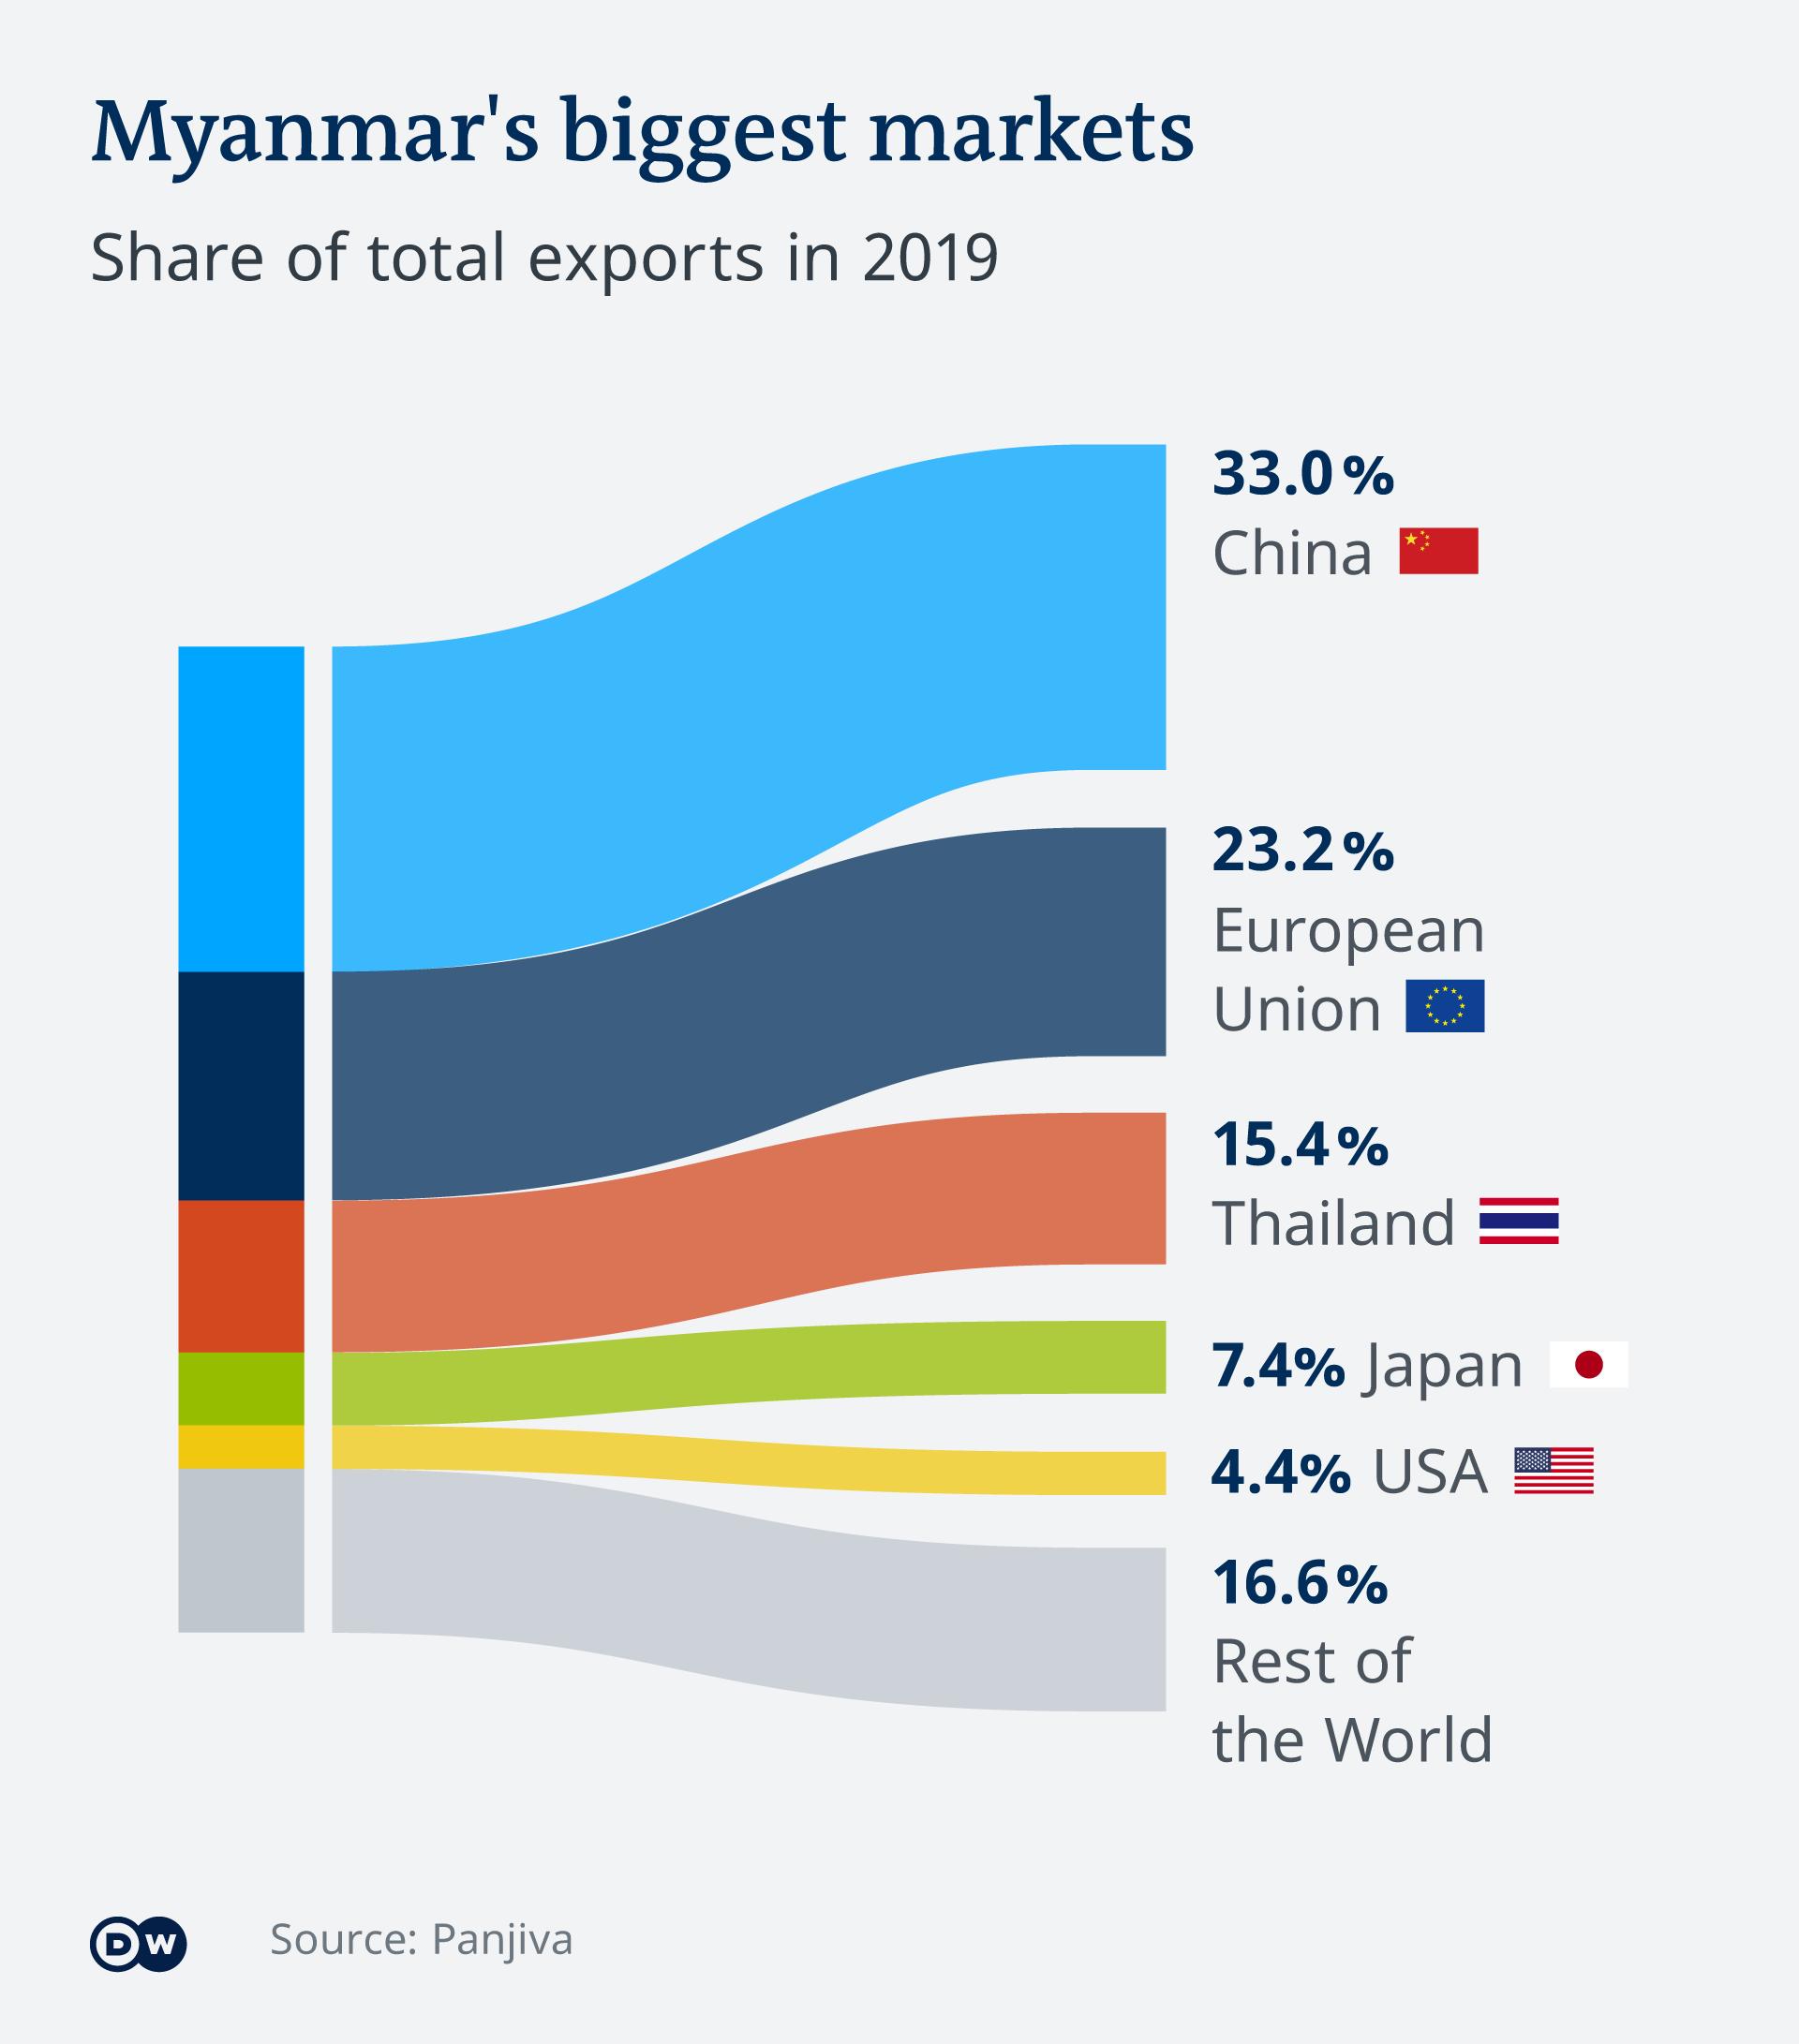 Infografis pasar terbesar Myanmar